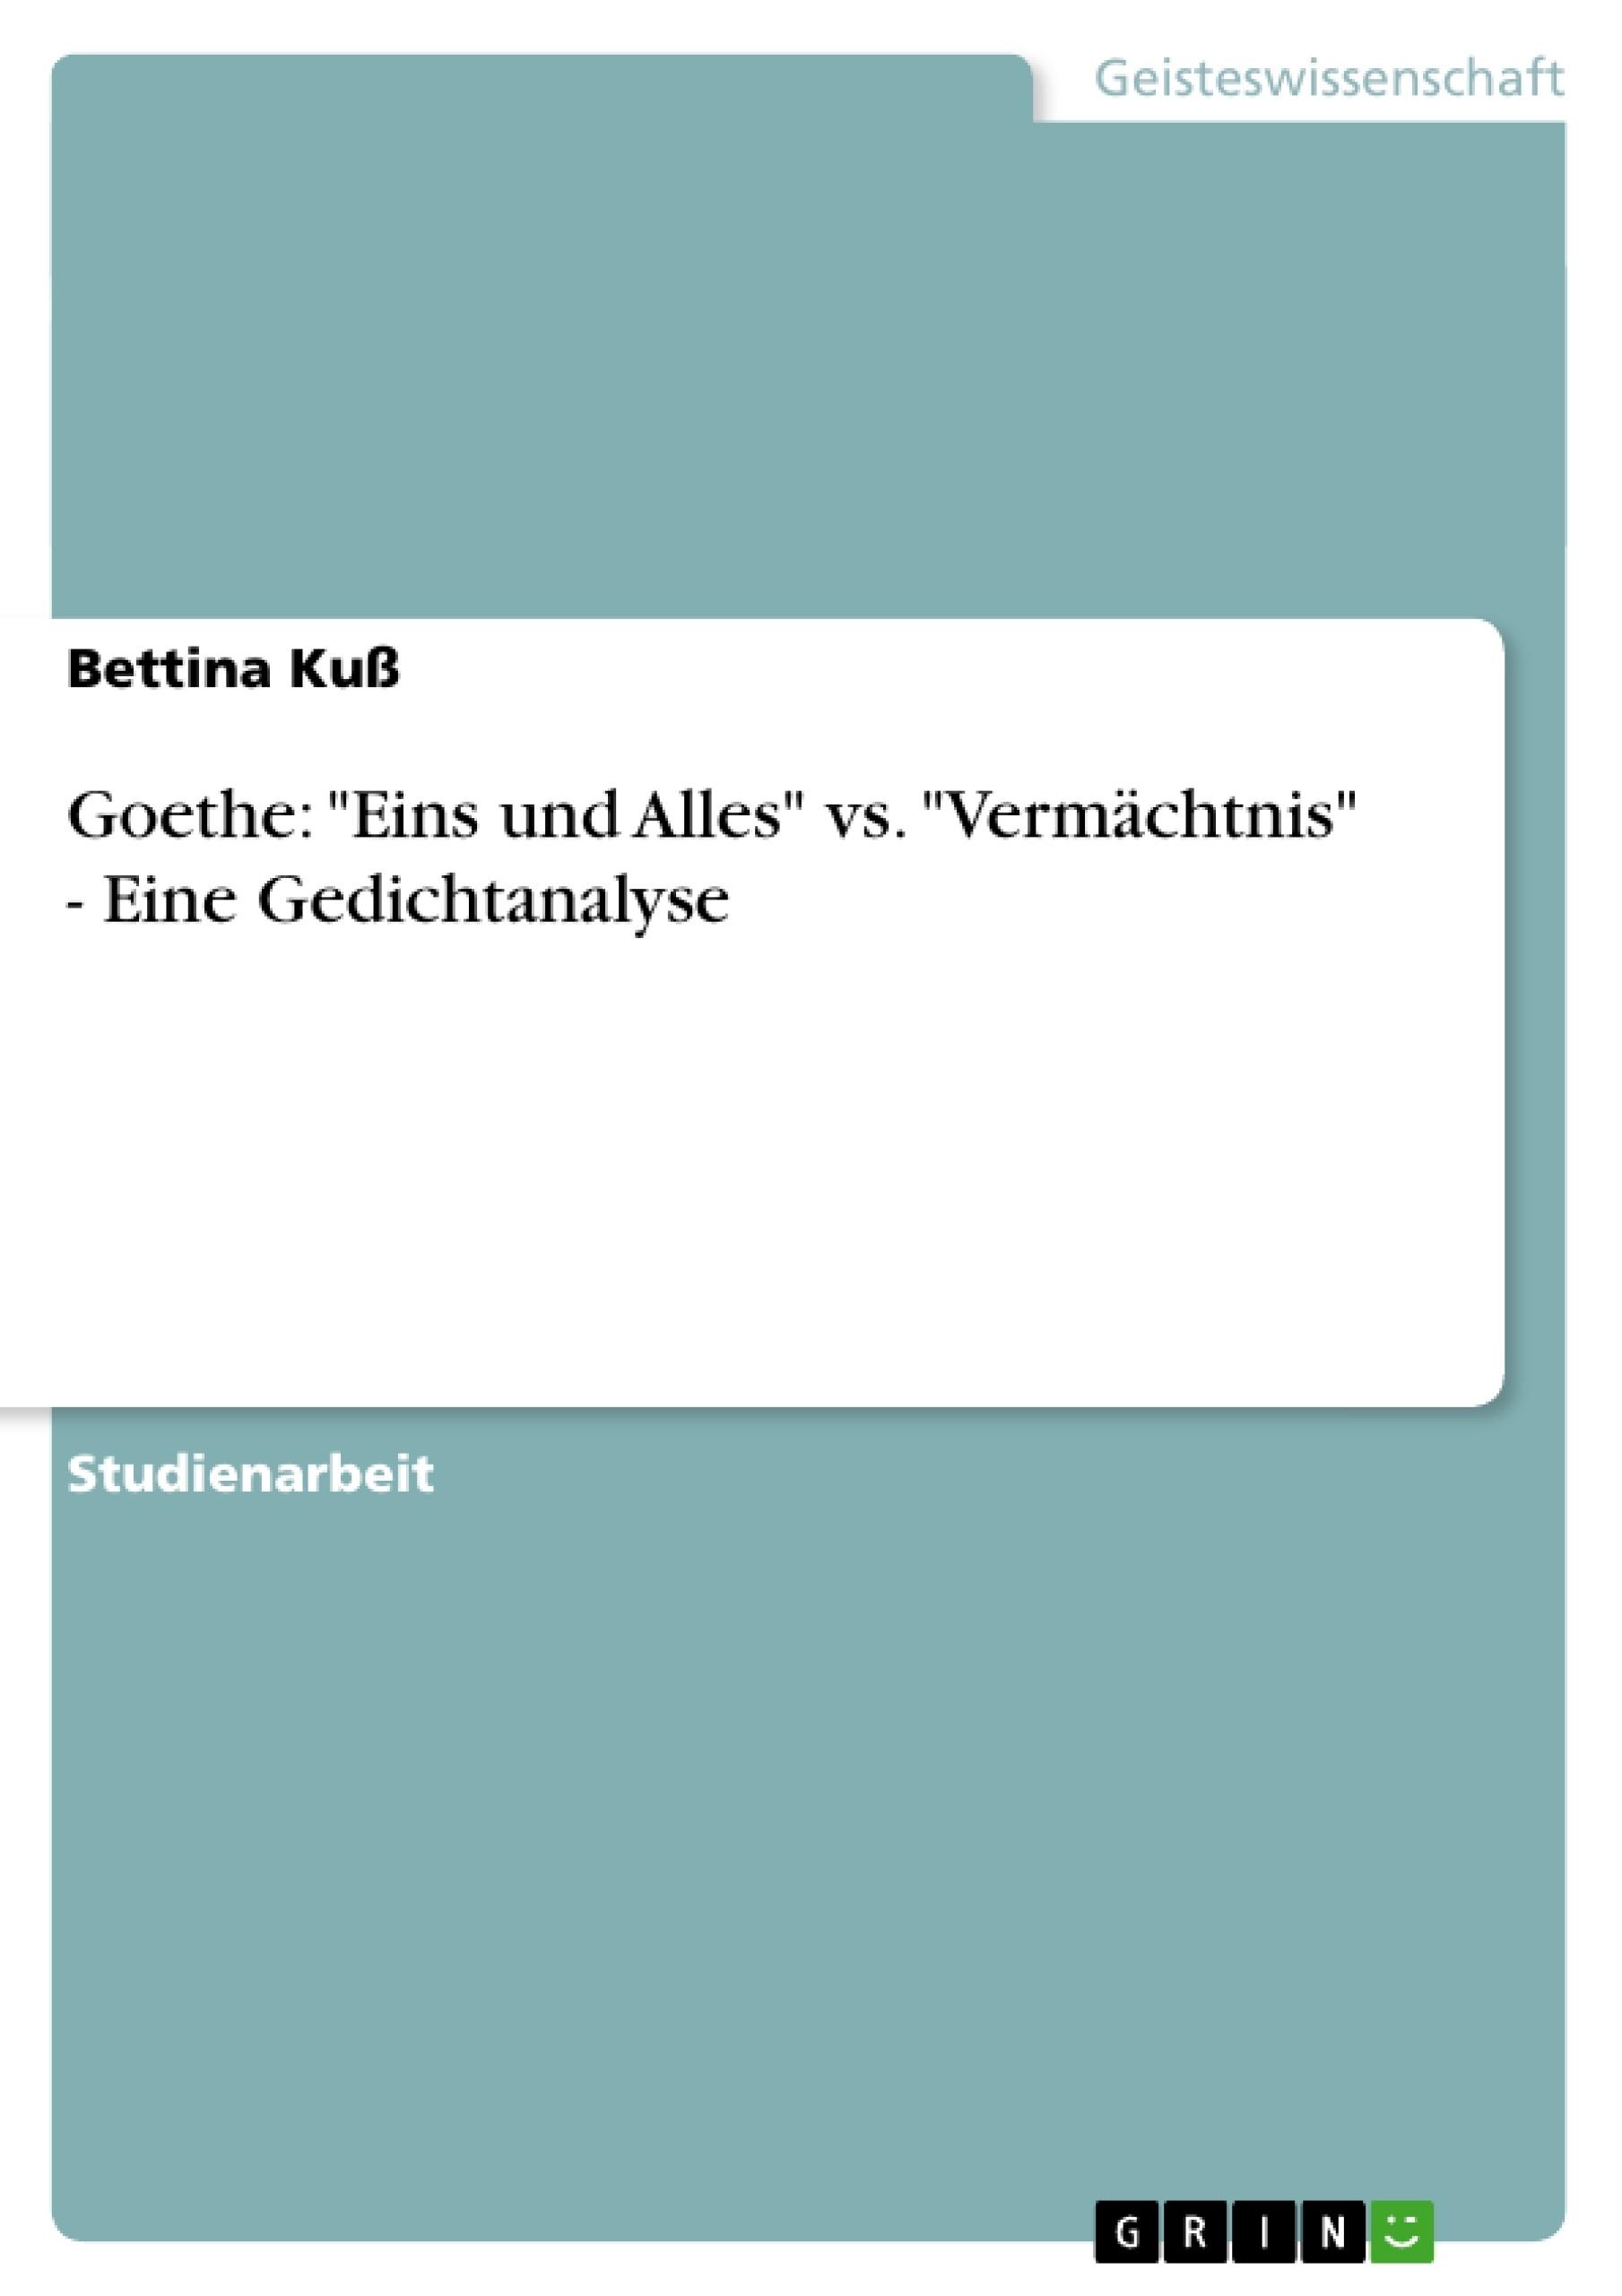 """Titel: Goethe: """"Eins und Alles"""" vs. """"Vermächtnis"""" - Eine Gedichtanalyse"""